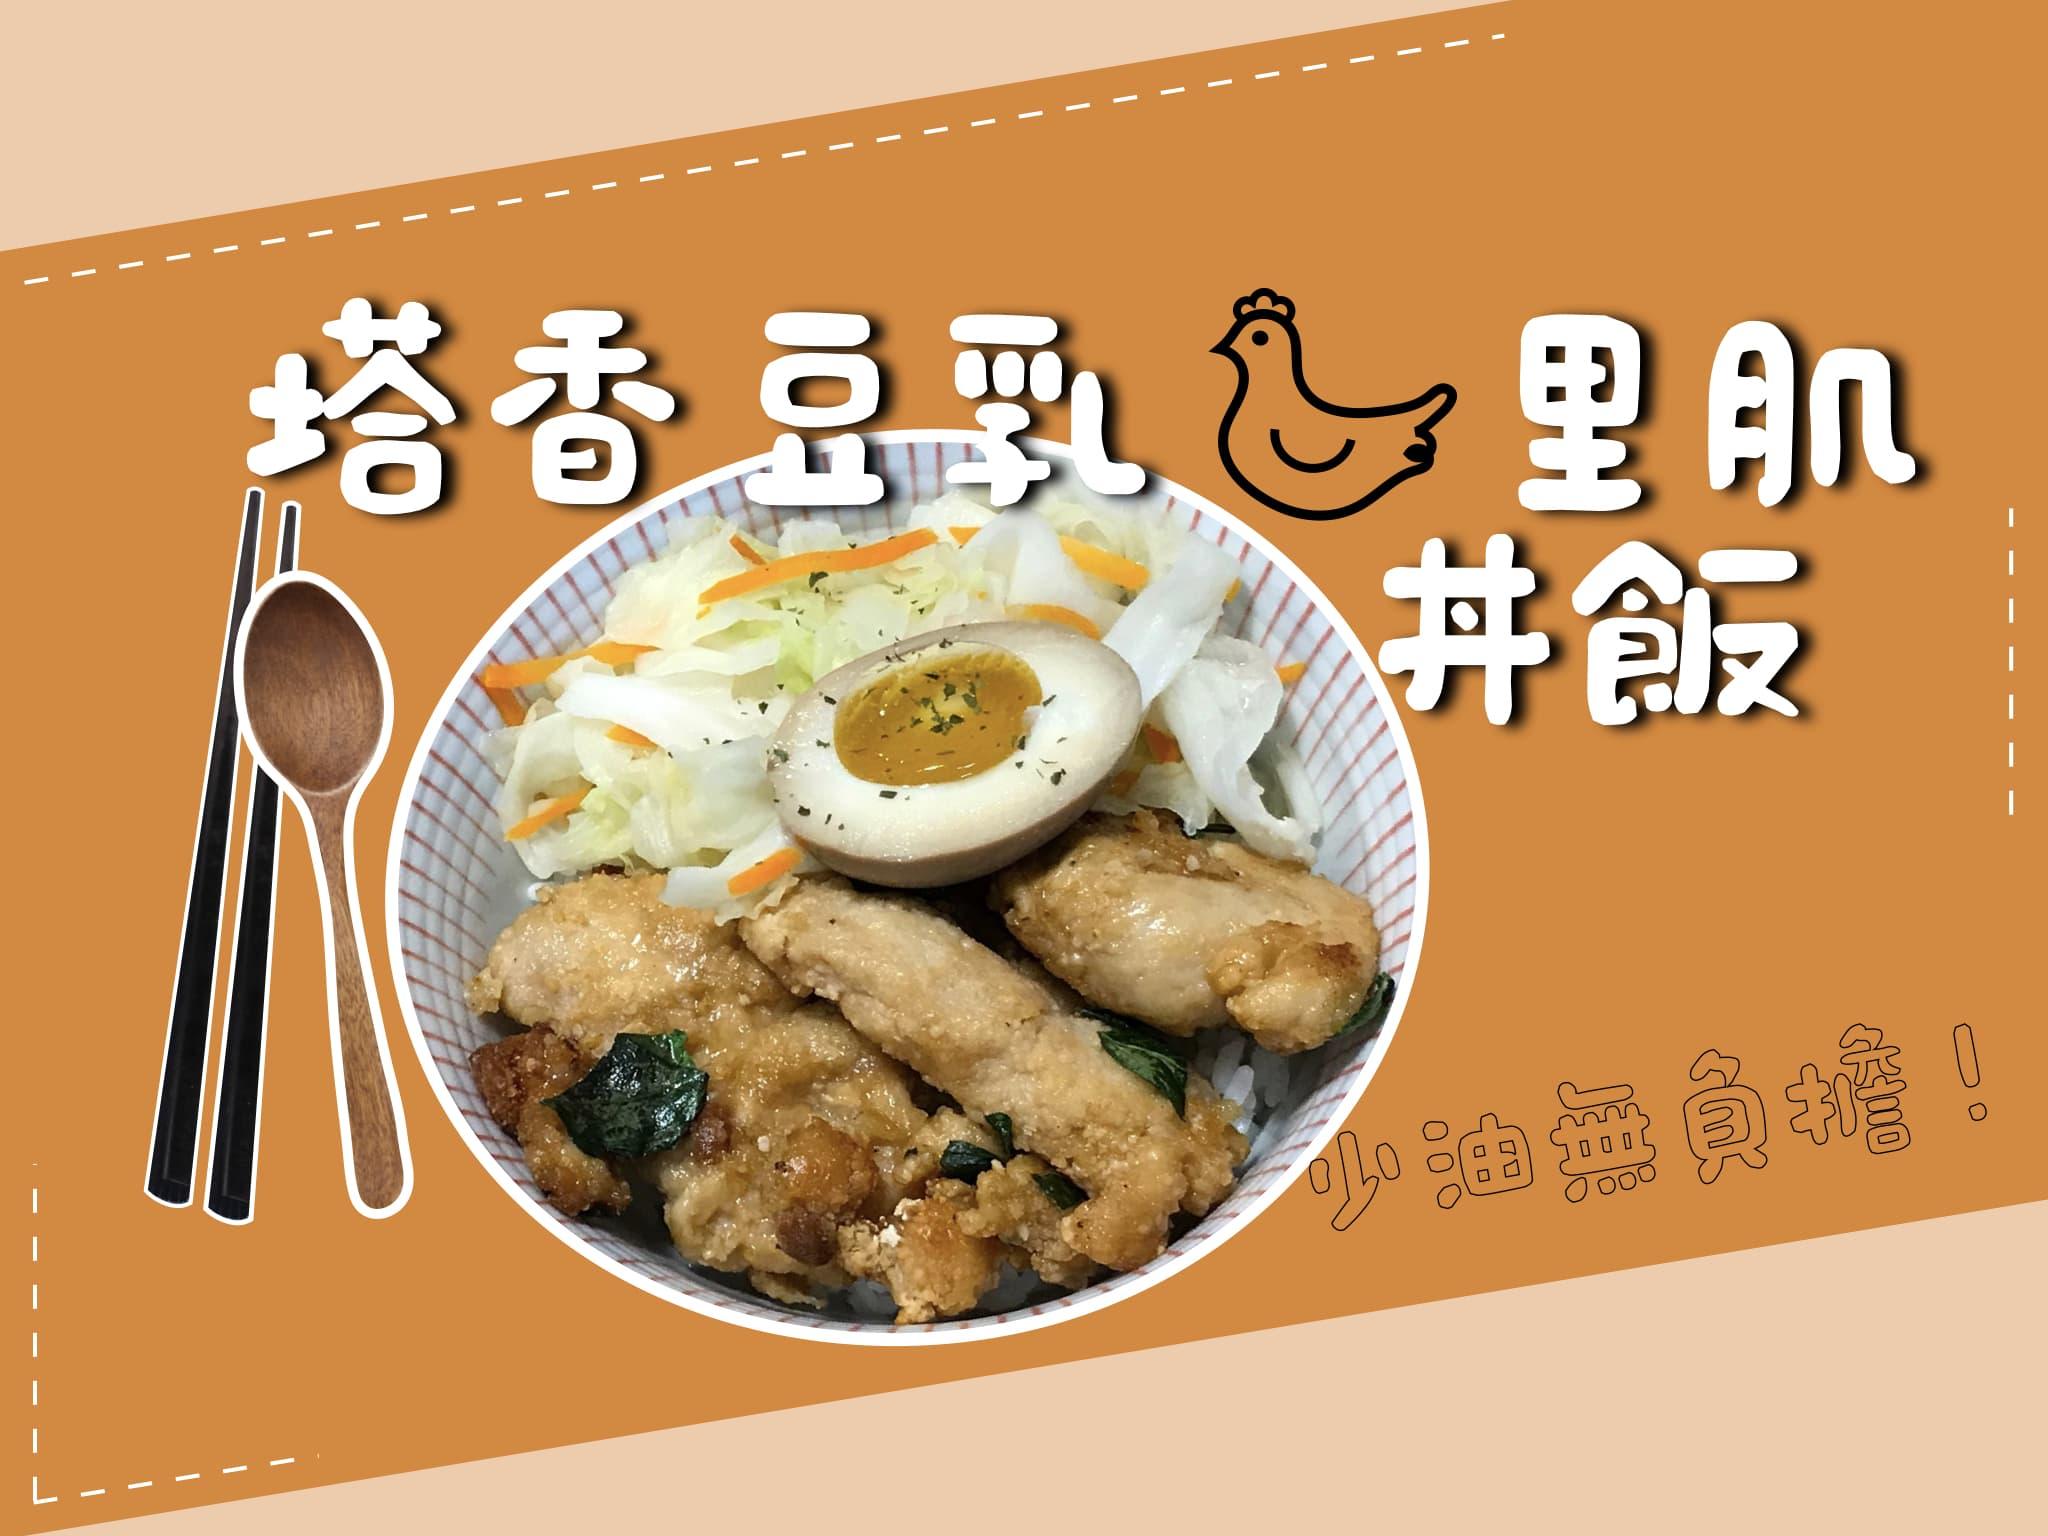 橘色的背景,有一碗丼飯,上頭有豆乳雞、高麗菜、溏心蛋,旁邊還有一雙筷子和一隻木湯匙